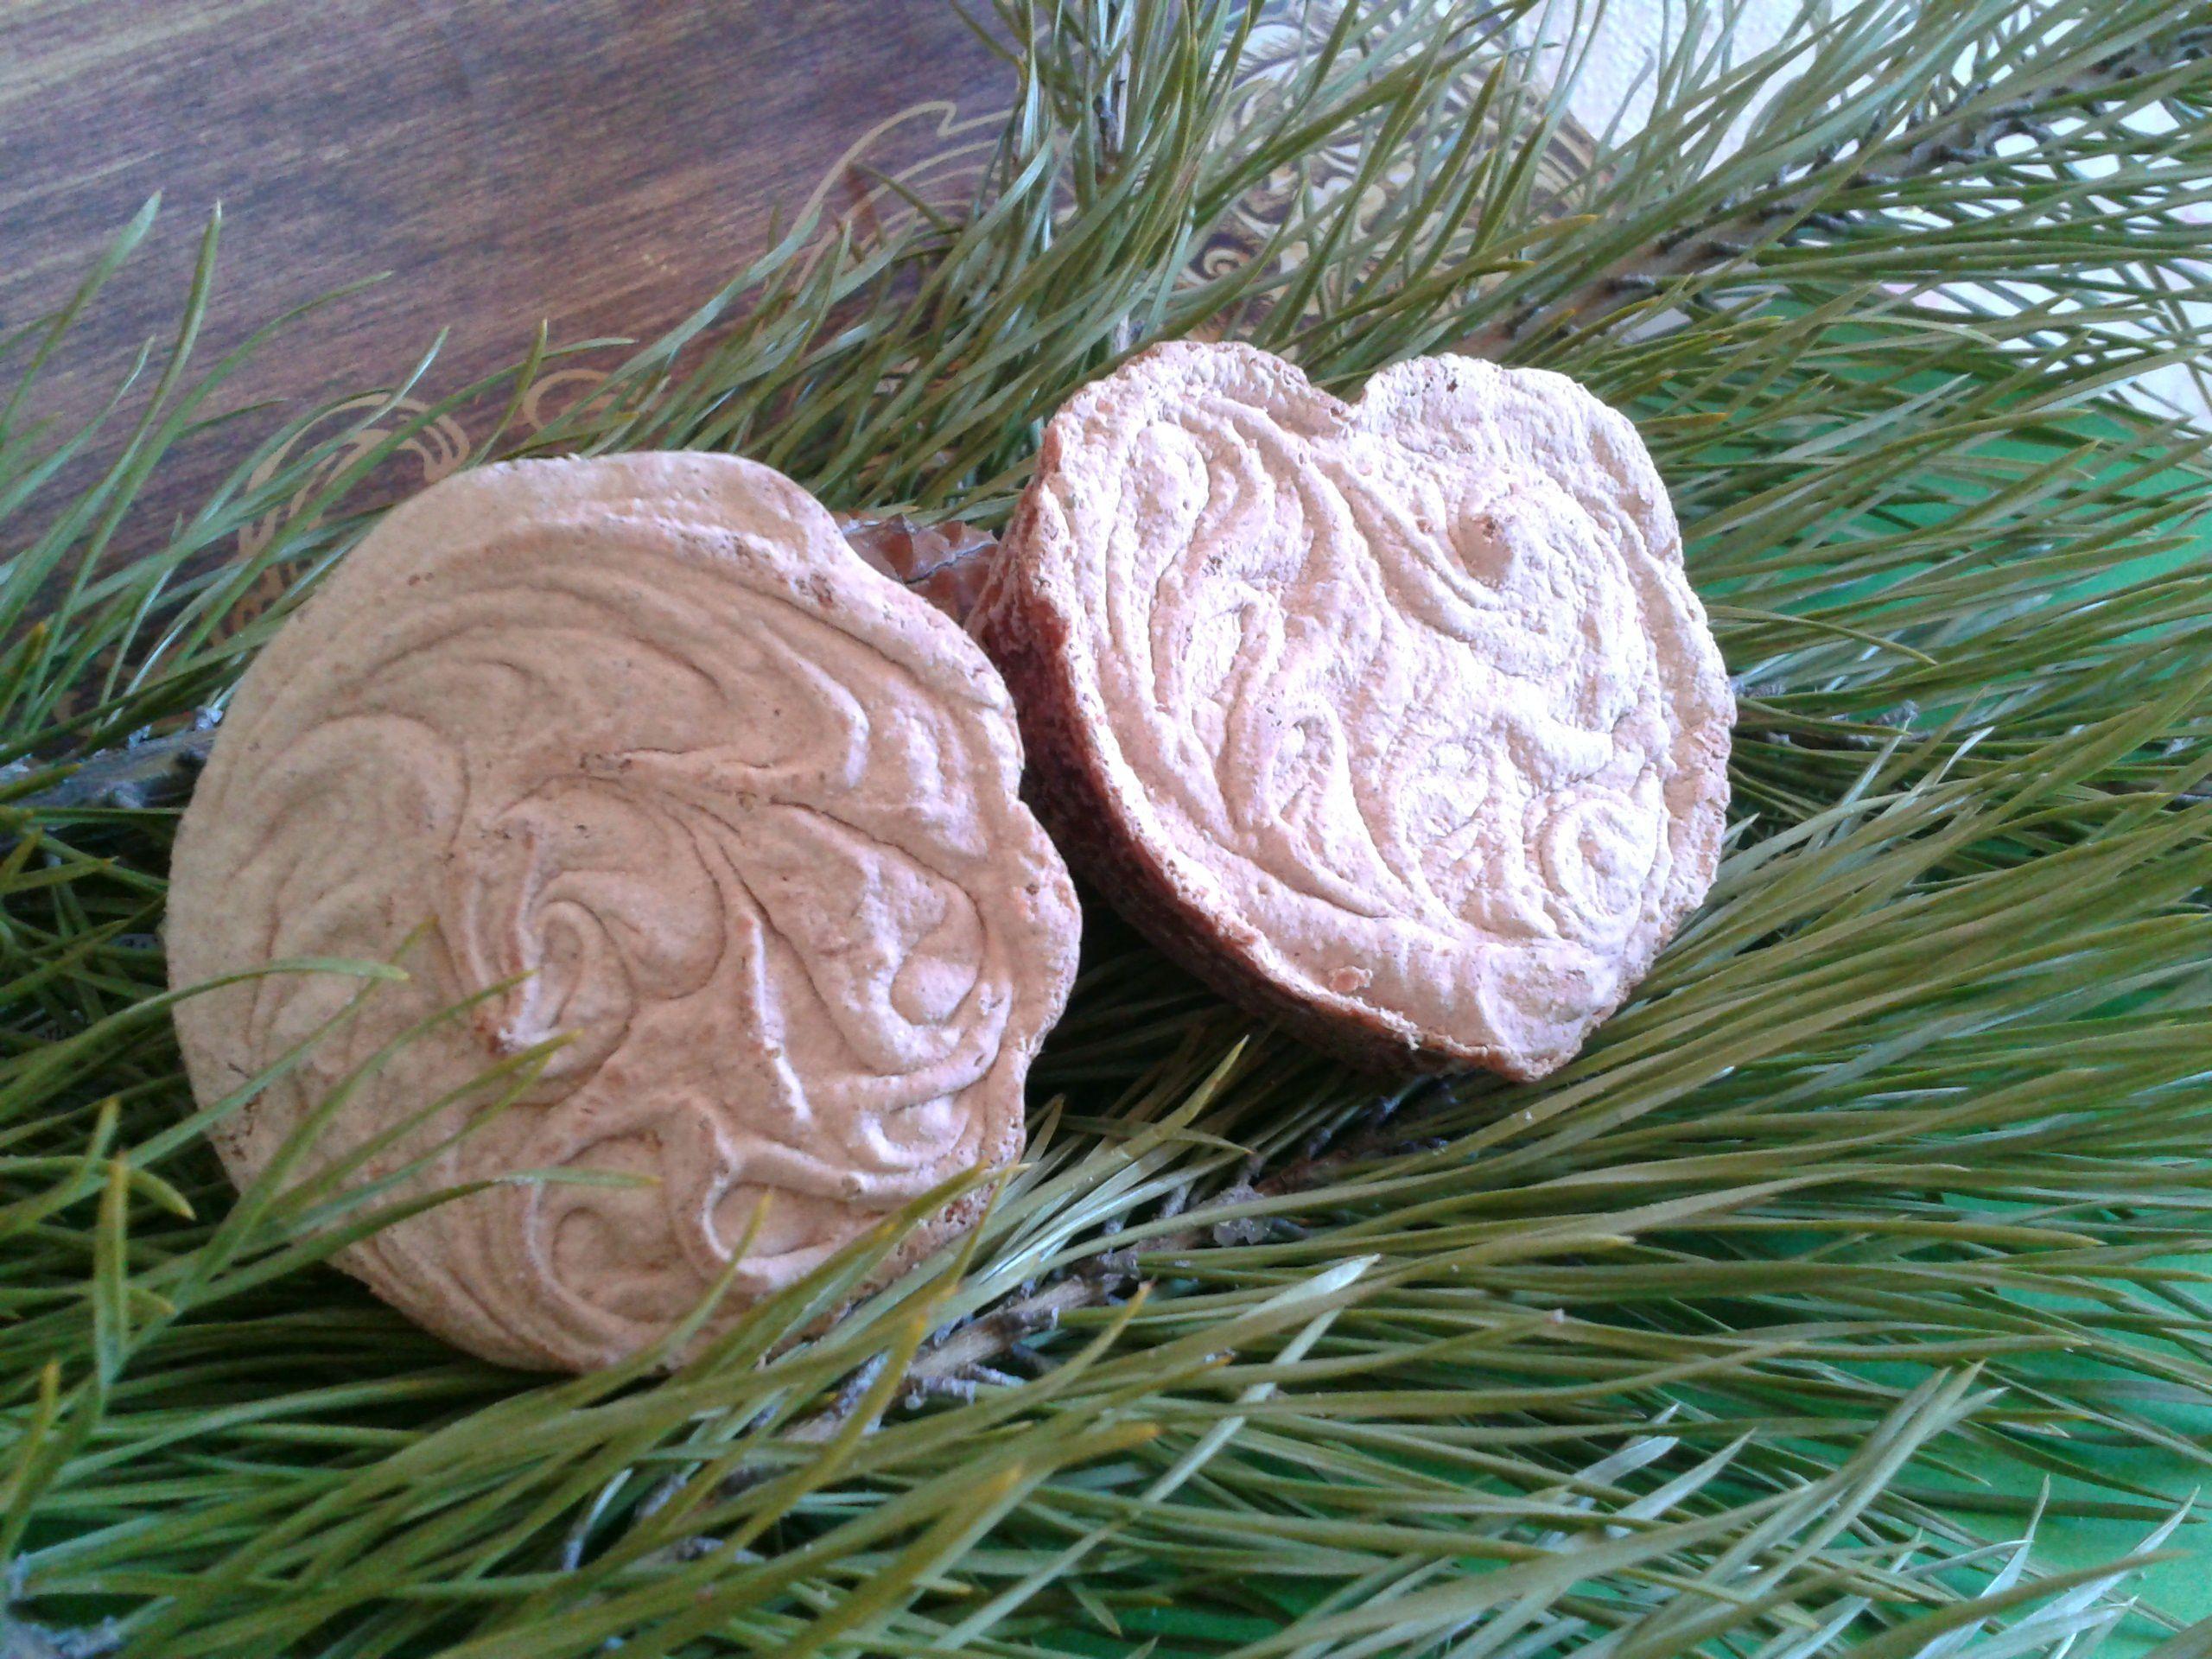 мылополезное мыломыло мылокупить мыло искусственных с мылоинтересное мыловкусное натуральноекрасивое красителейкупить отдушекбез ручной работыбез нулянатуральное